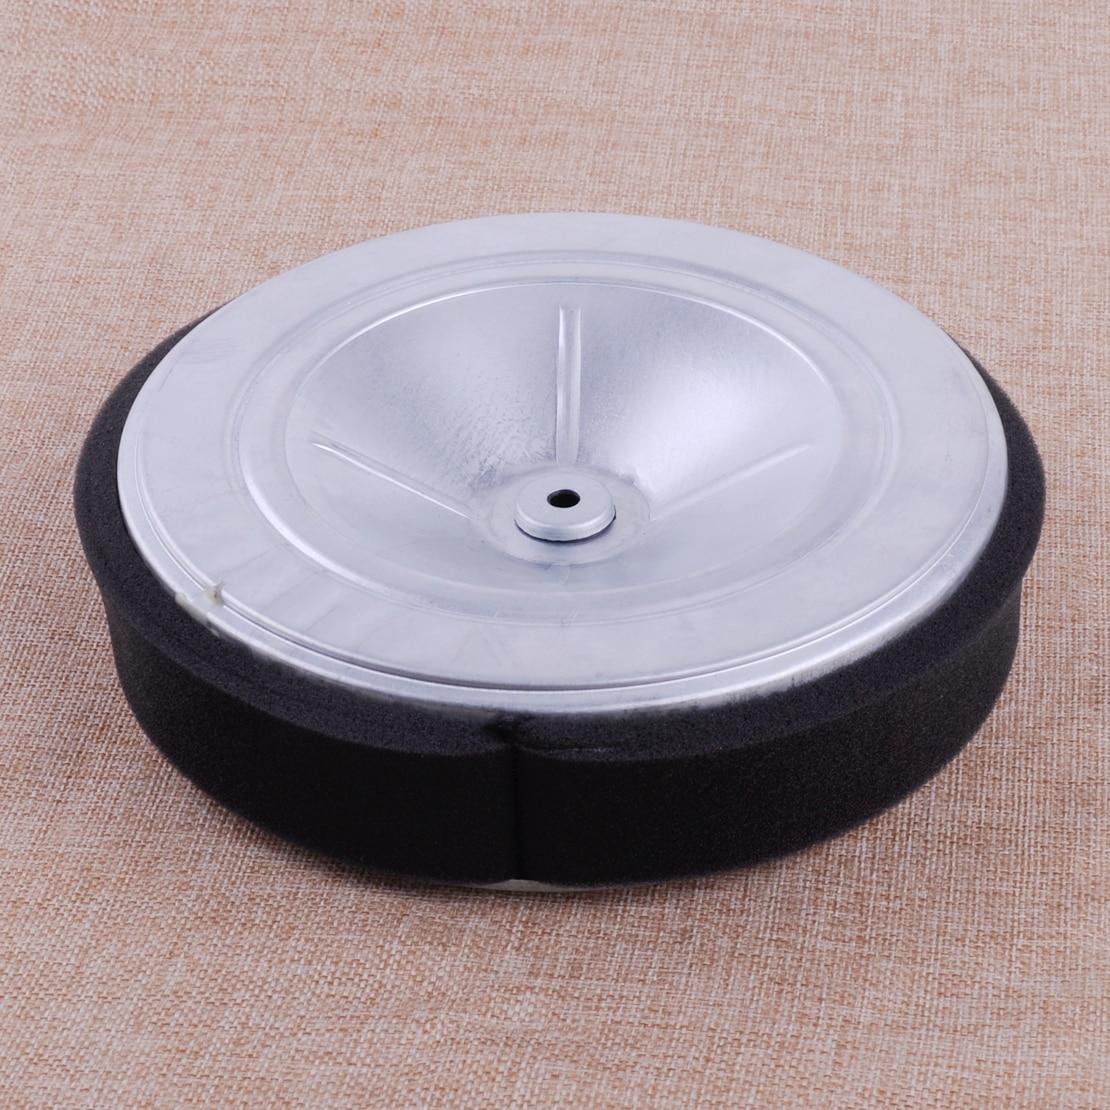 Ajuste do Filtro de Ar para Honda GX630 LETAOSK GX630R GX630RH GX660 GX690 17210-Z6L-010